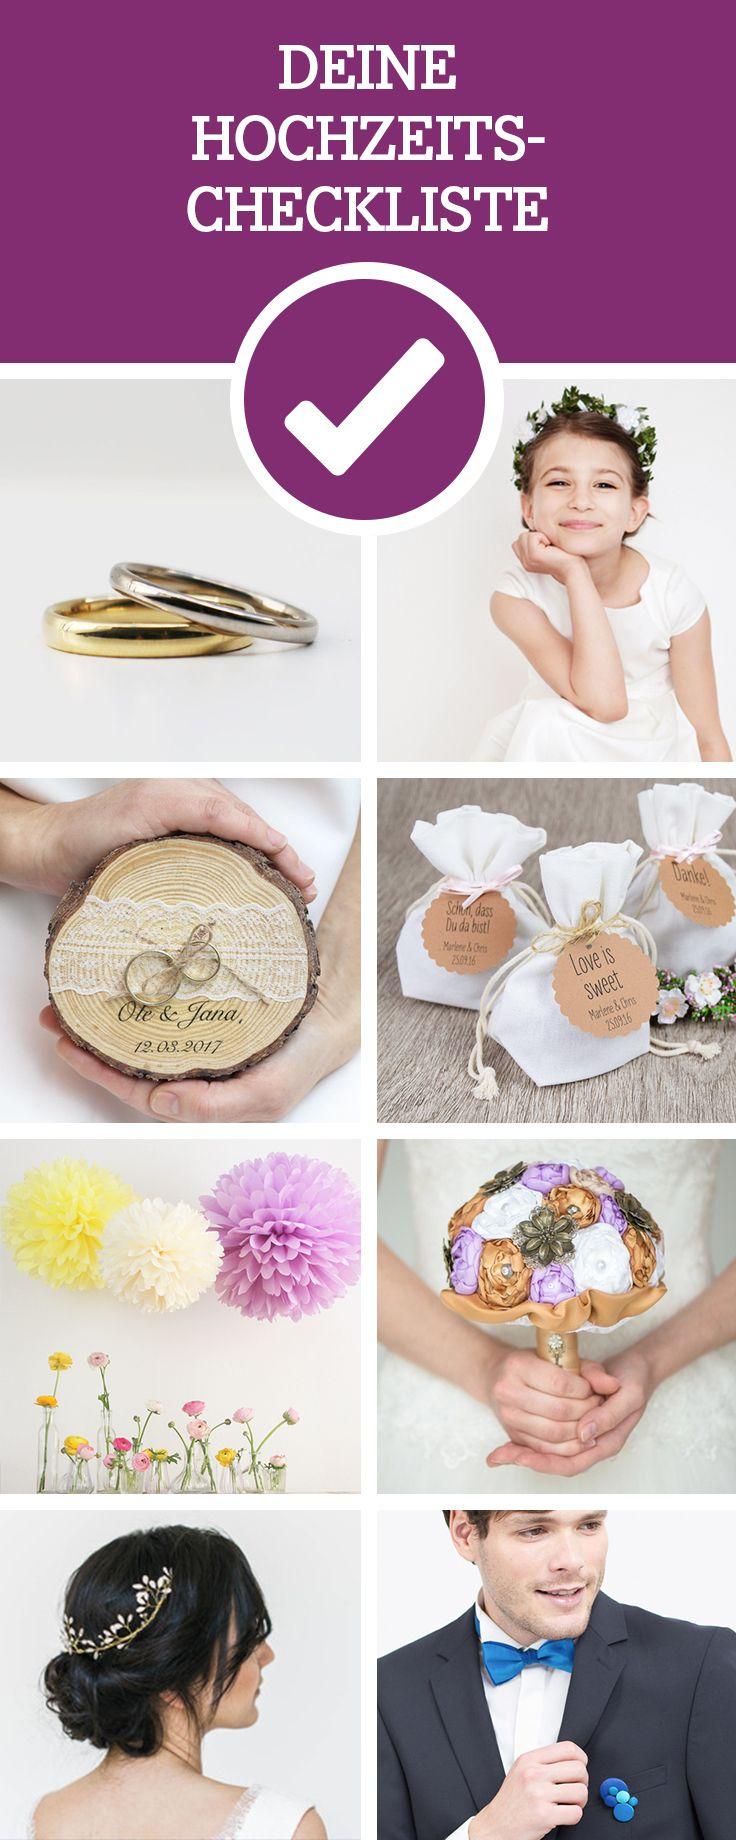 Wir haben eine Hochzeits-Checkliste für Dich. So geht bei der Hochzeitsplanung nichts verloren / planning a wedding is hard: we provide the perfect wedding checklist for you via DaWanda.com